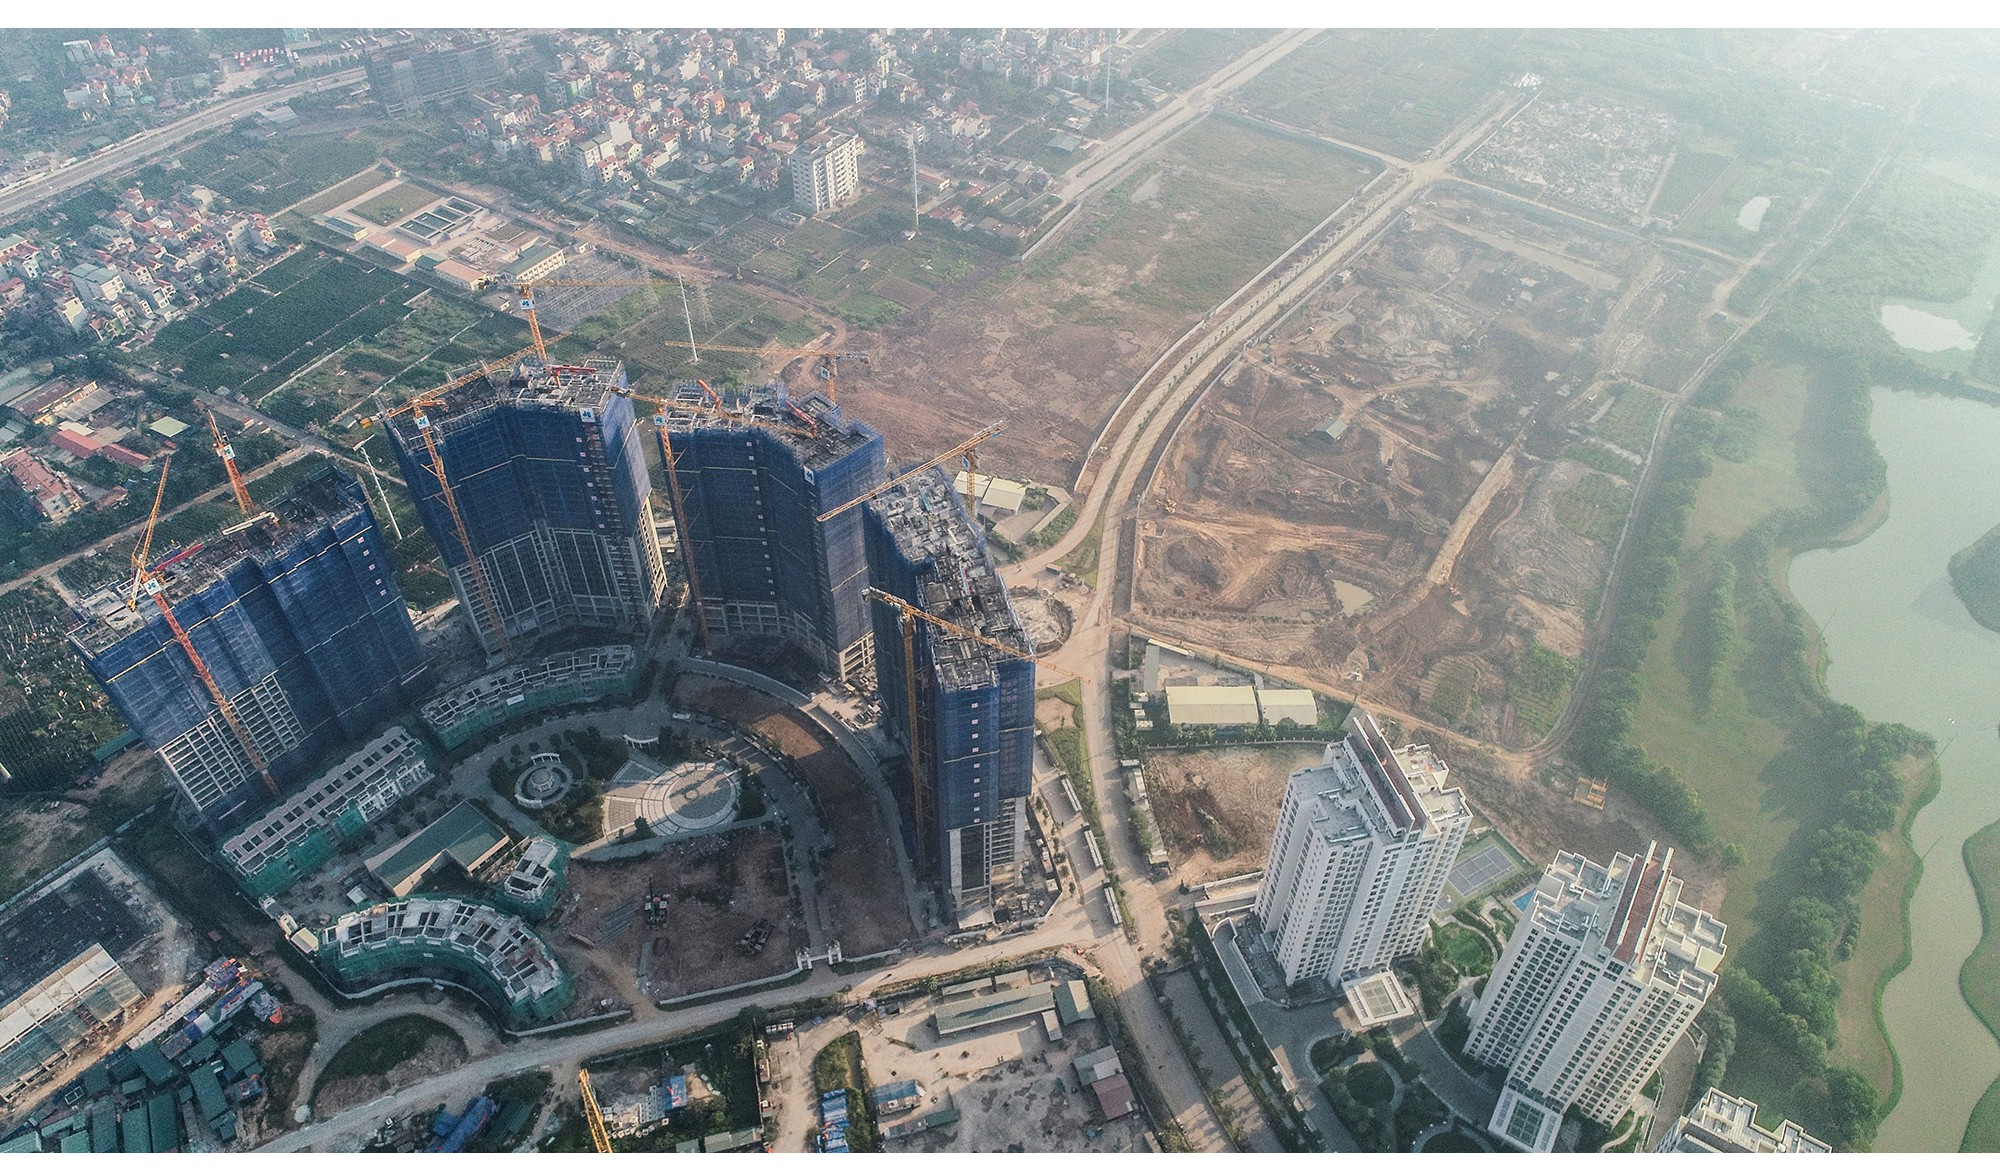 Toàn cảnh tuyến đường 8.500 tỷ đồng đang tác động mạnh mẽ lên thị trường bất động sản phía Bắc thủ đô - Ảnh 19.